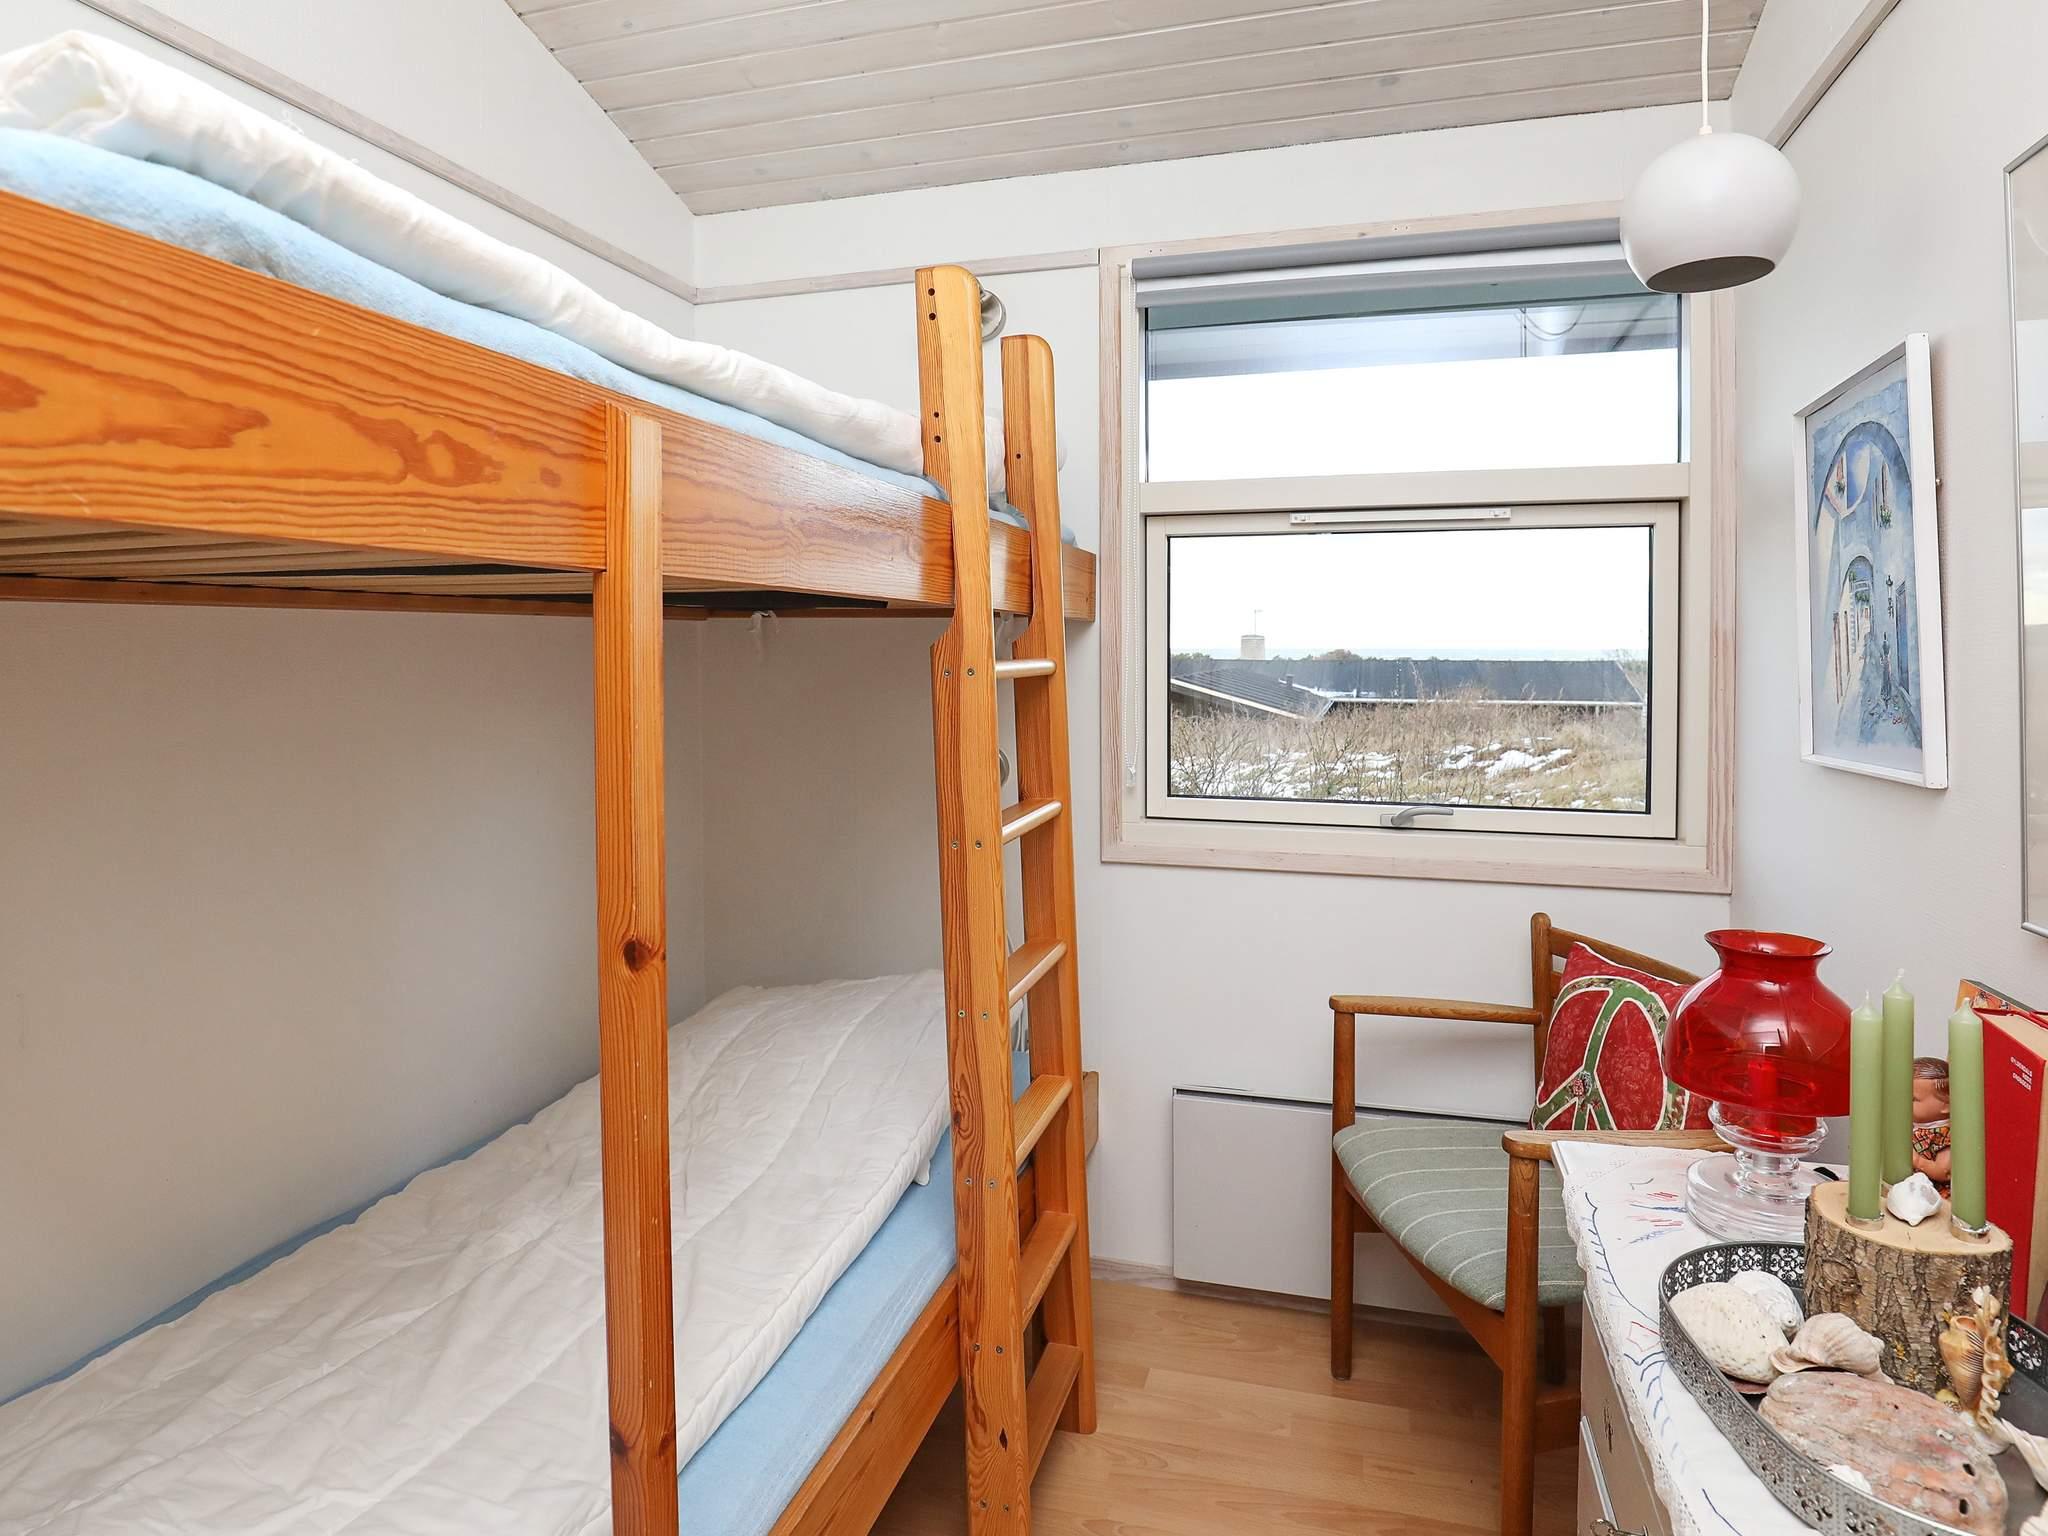 Ferienhaus Kjul Strand (2355118), Hirtshals, , Nordwestjütland, Dänemark, Bild 12